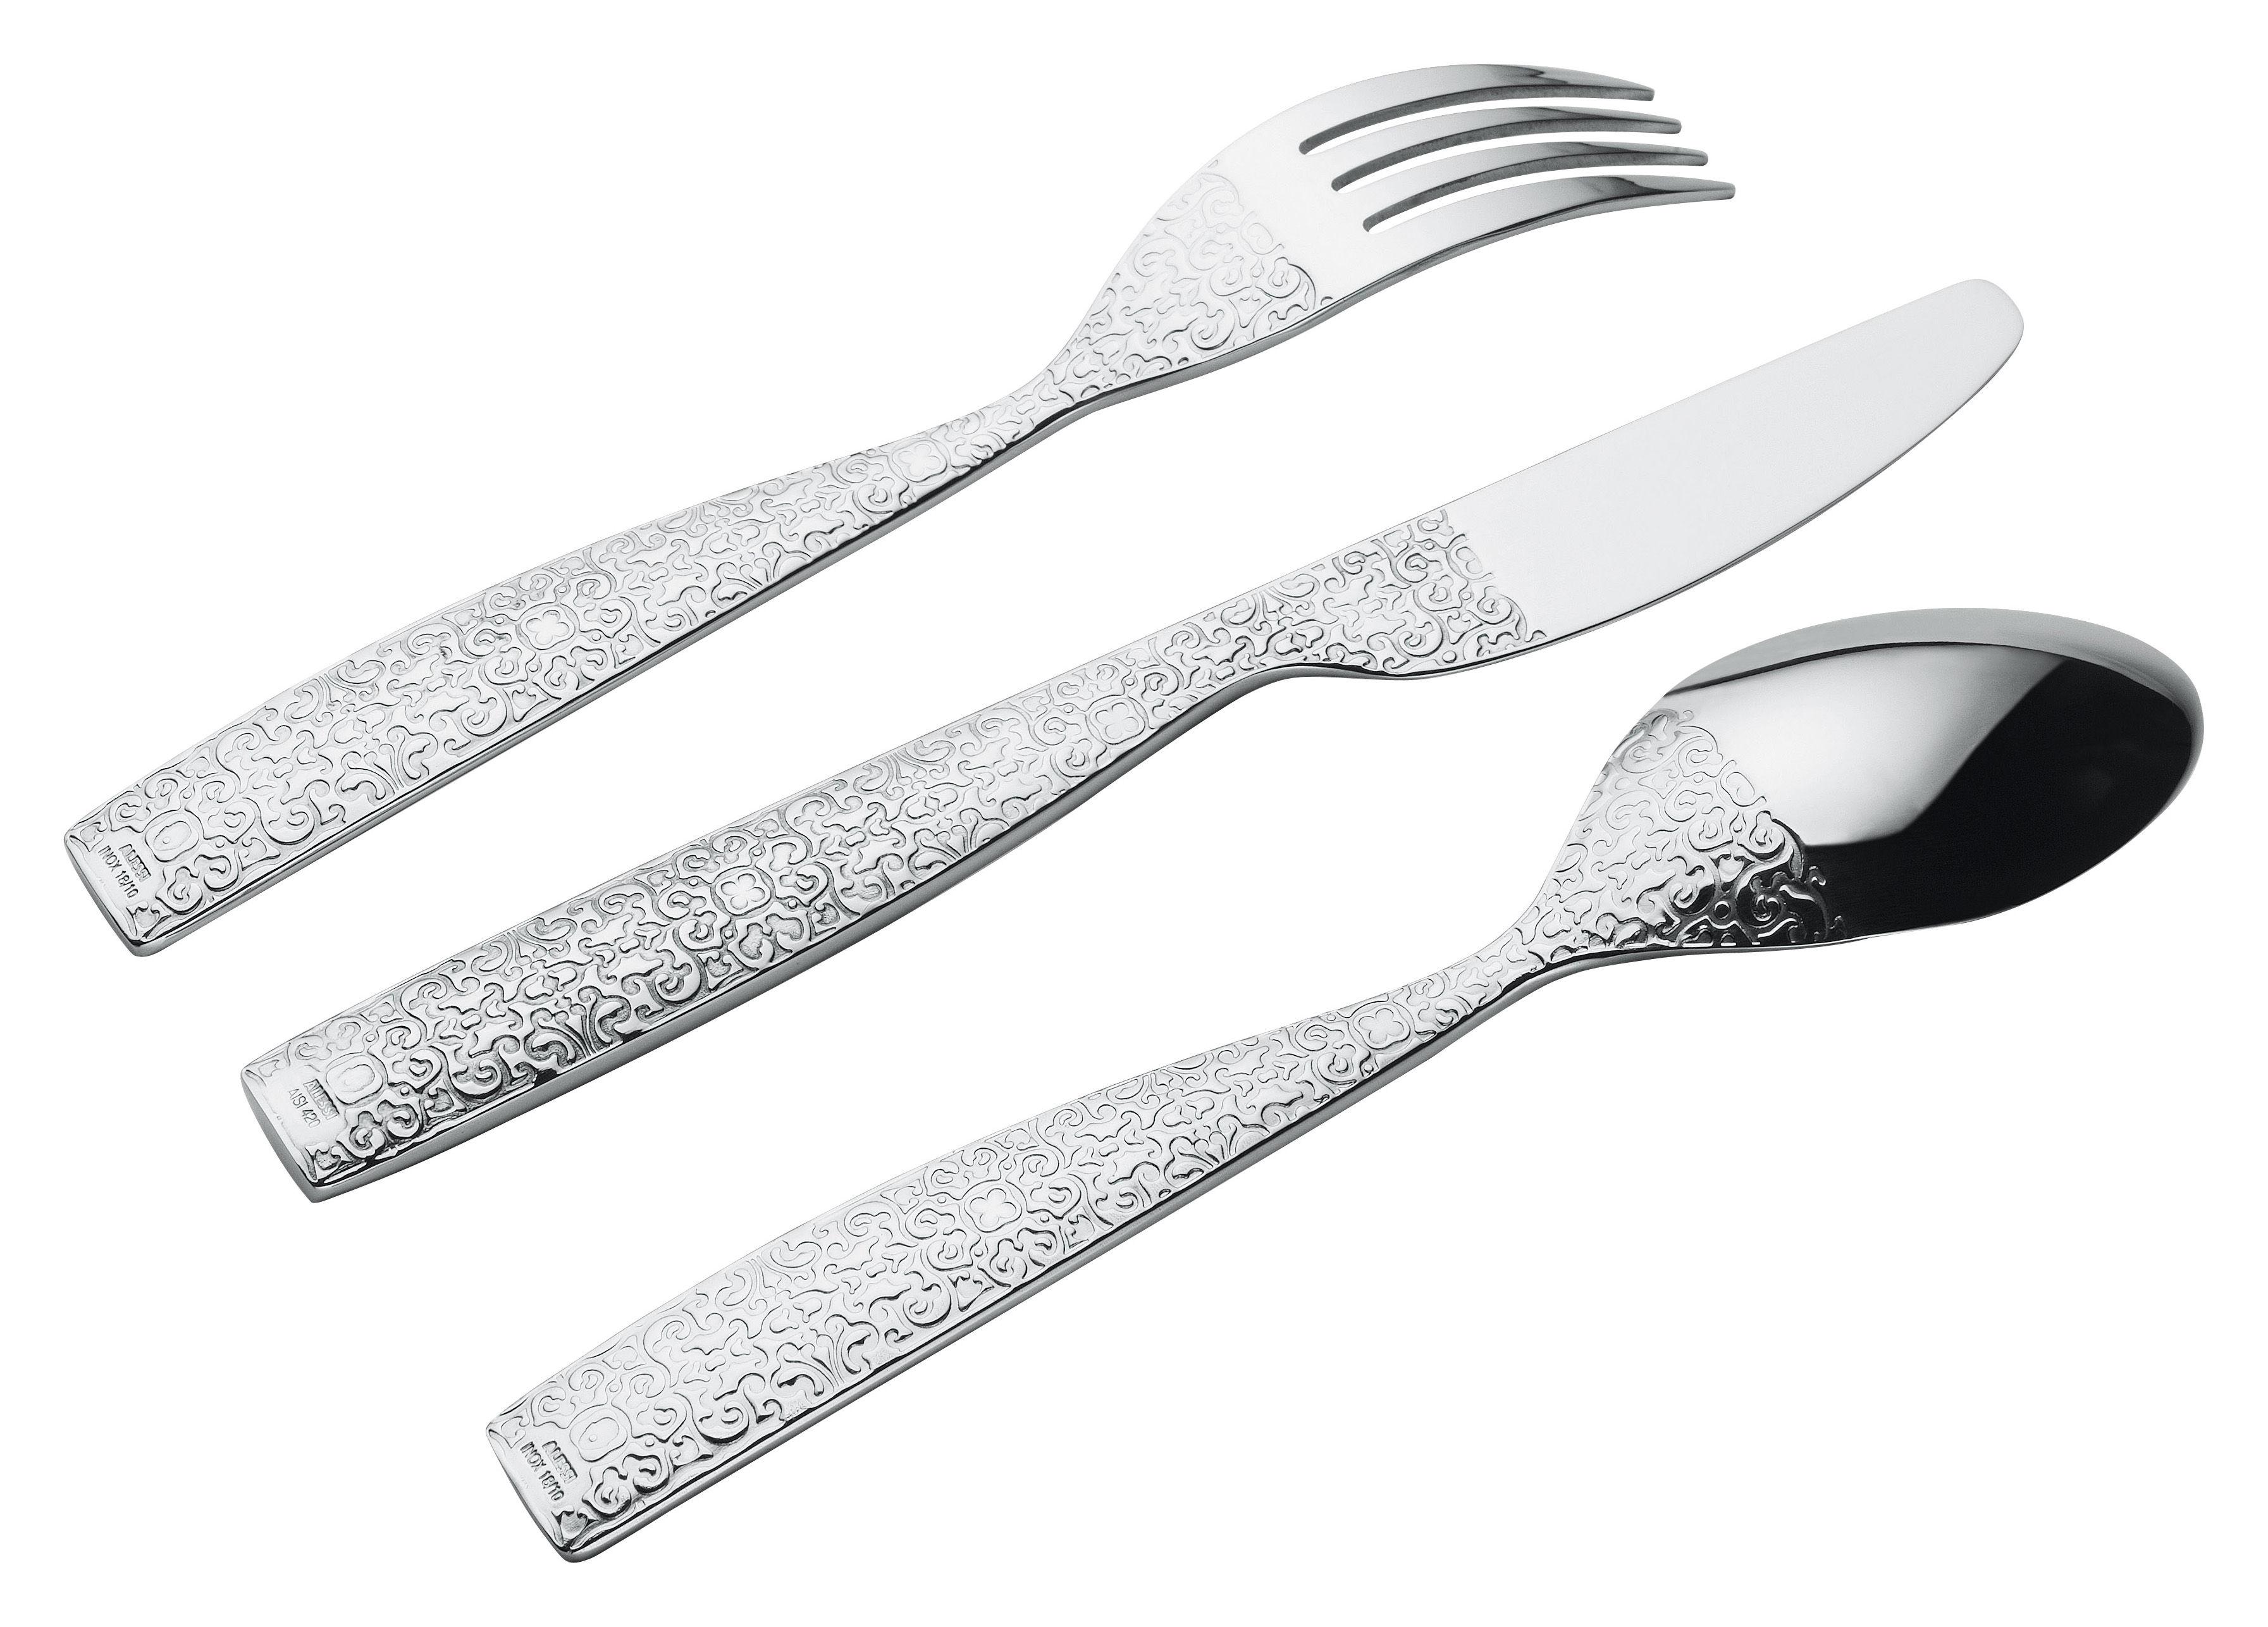 Arts de la table - Couverts de table - Ménagère Dressed / Coffret 24 pièces - Alessi - 24 pièces - Acier brillant - 2 - Acier inoxydable